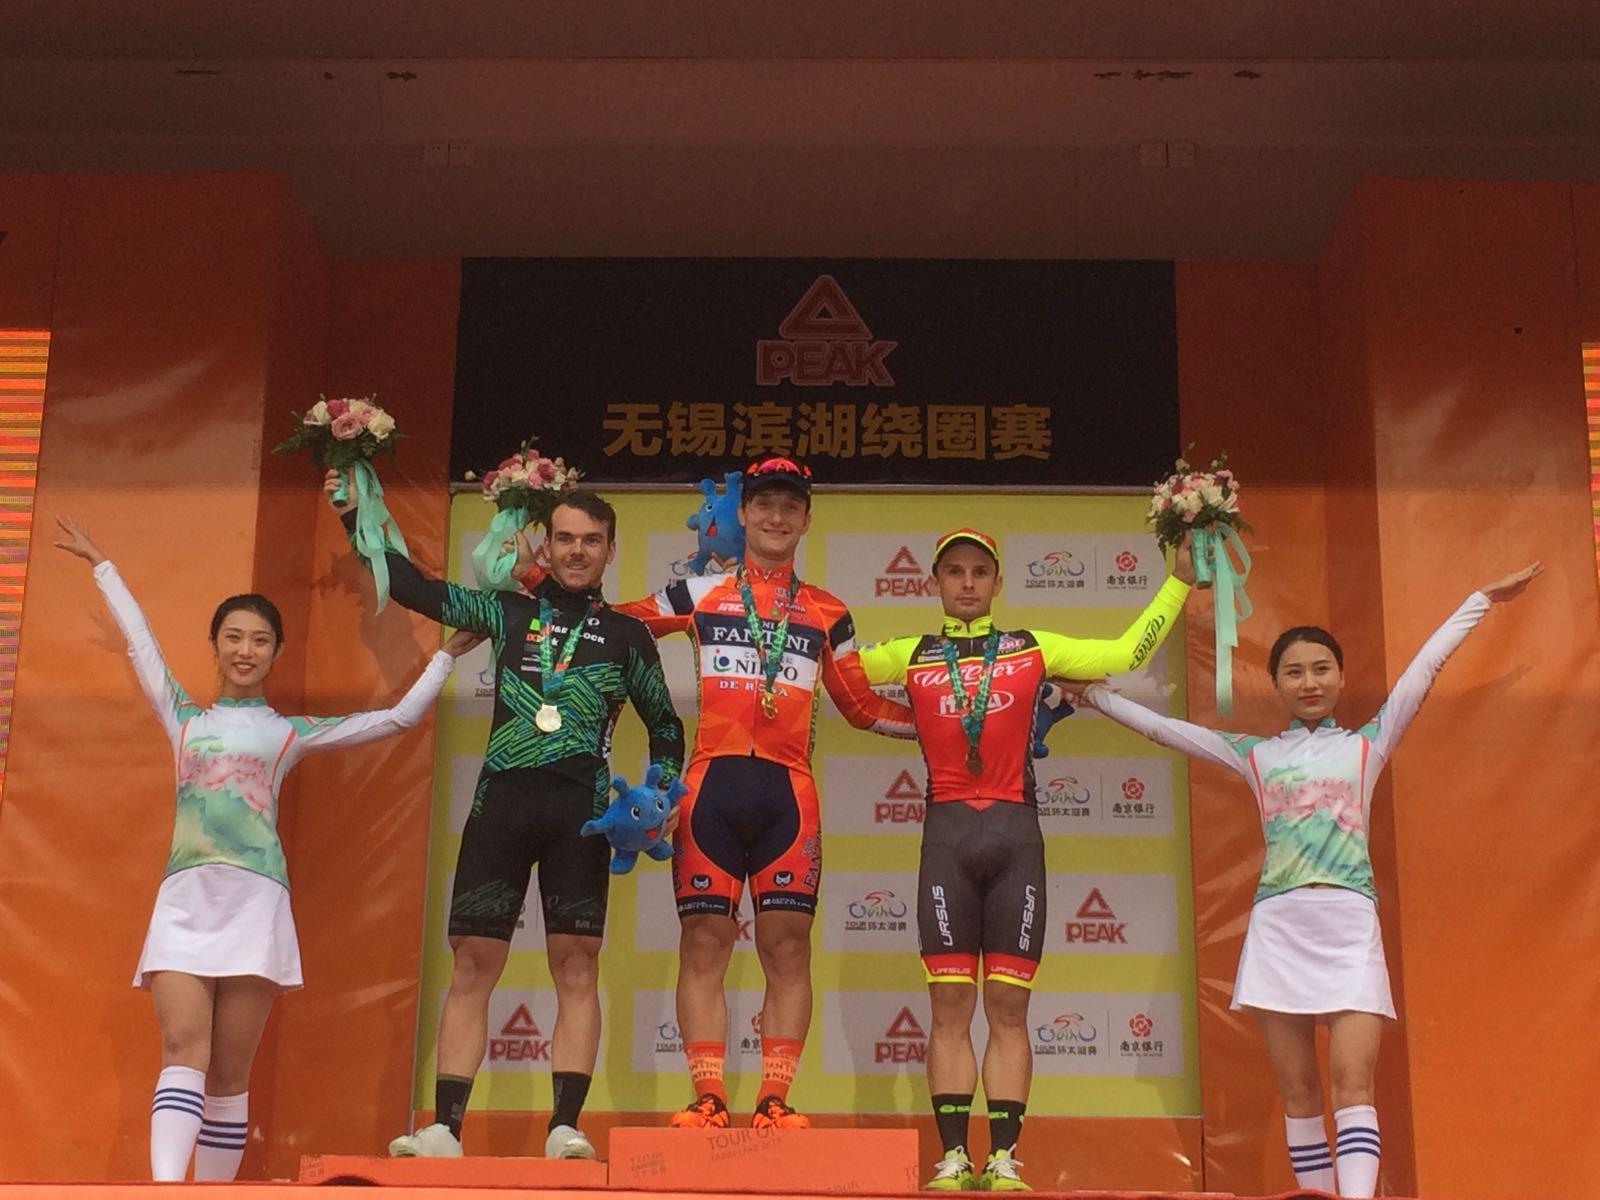 Il podio della prima tappa del Tour of Taihu Lake